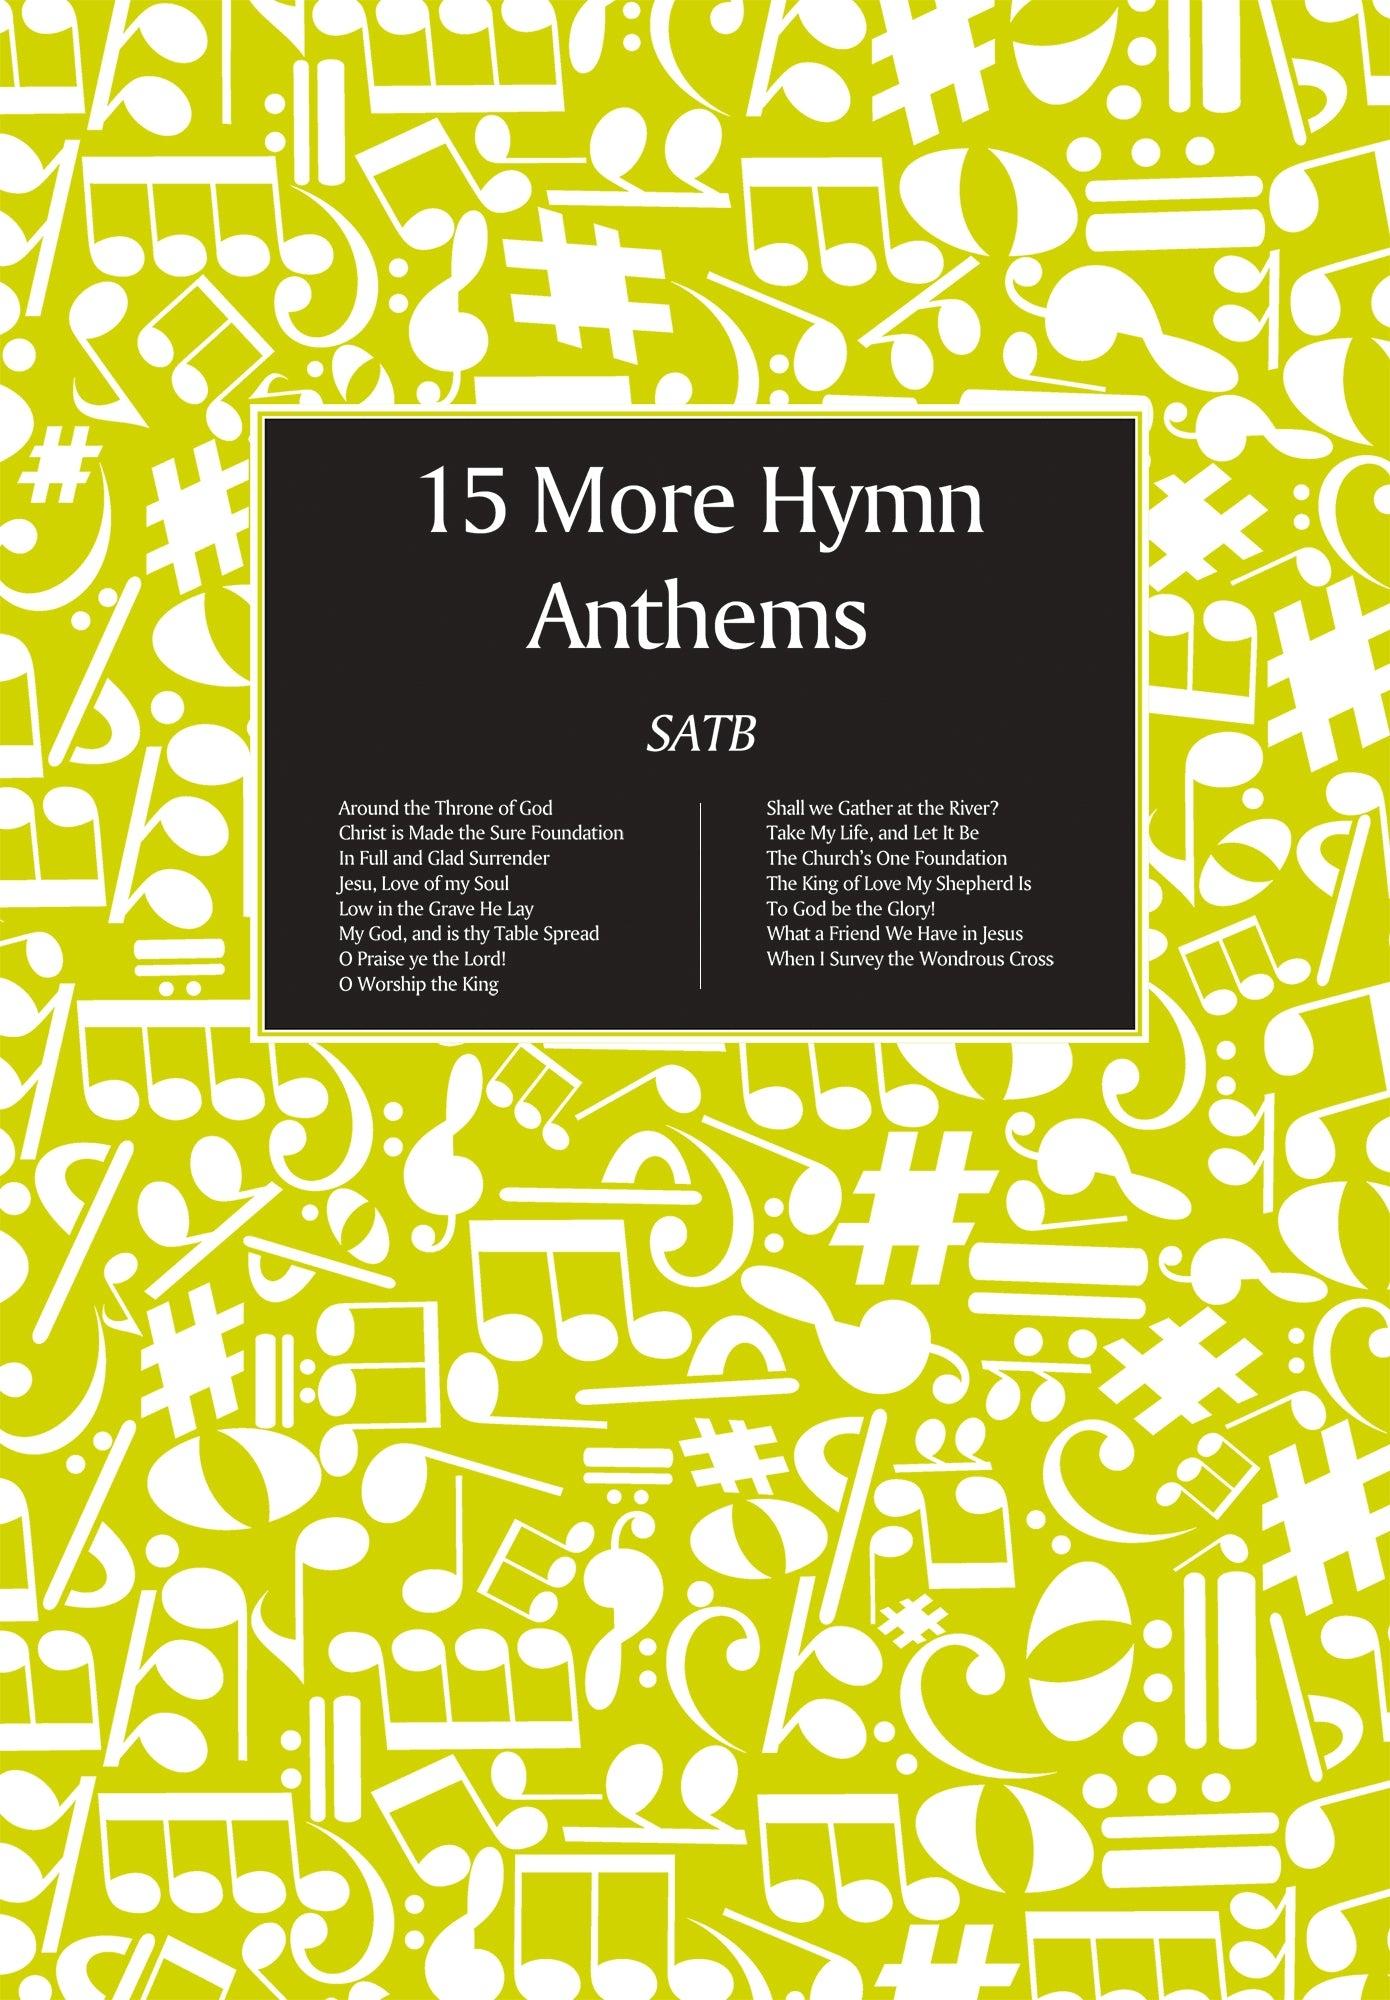 15 More Hymn Anthems - SA Men: SATB